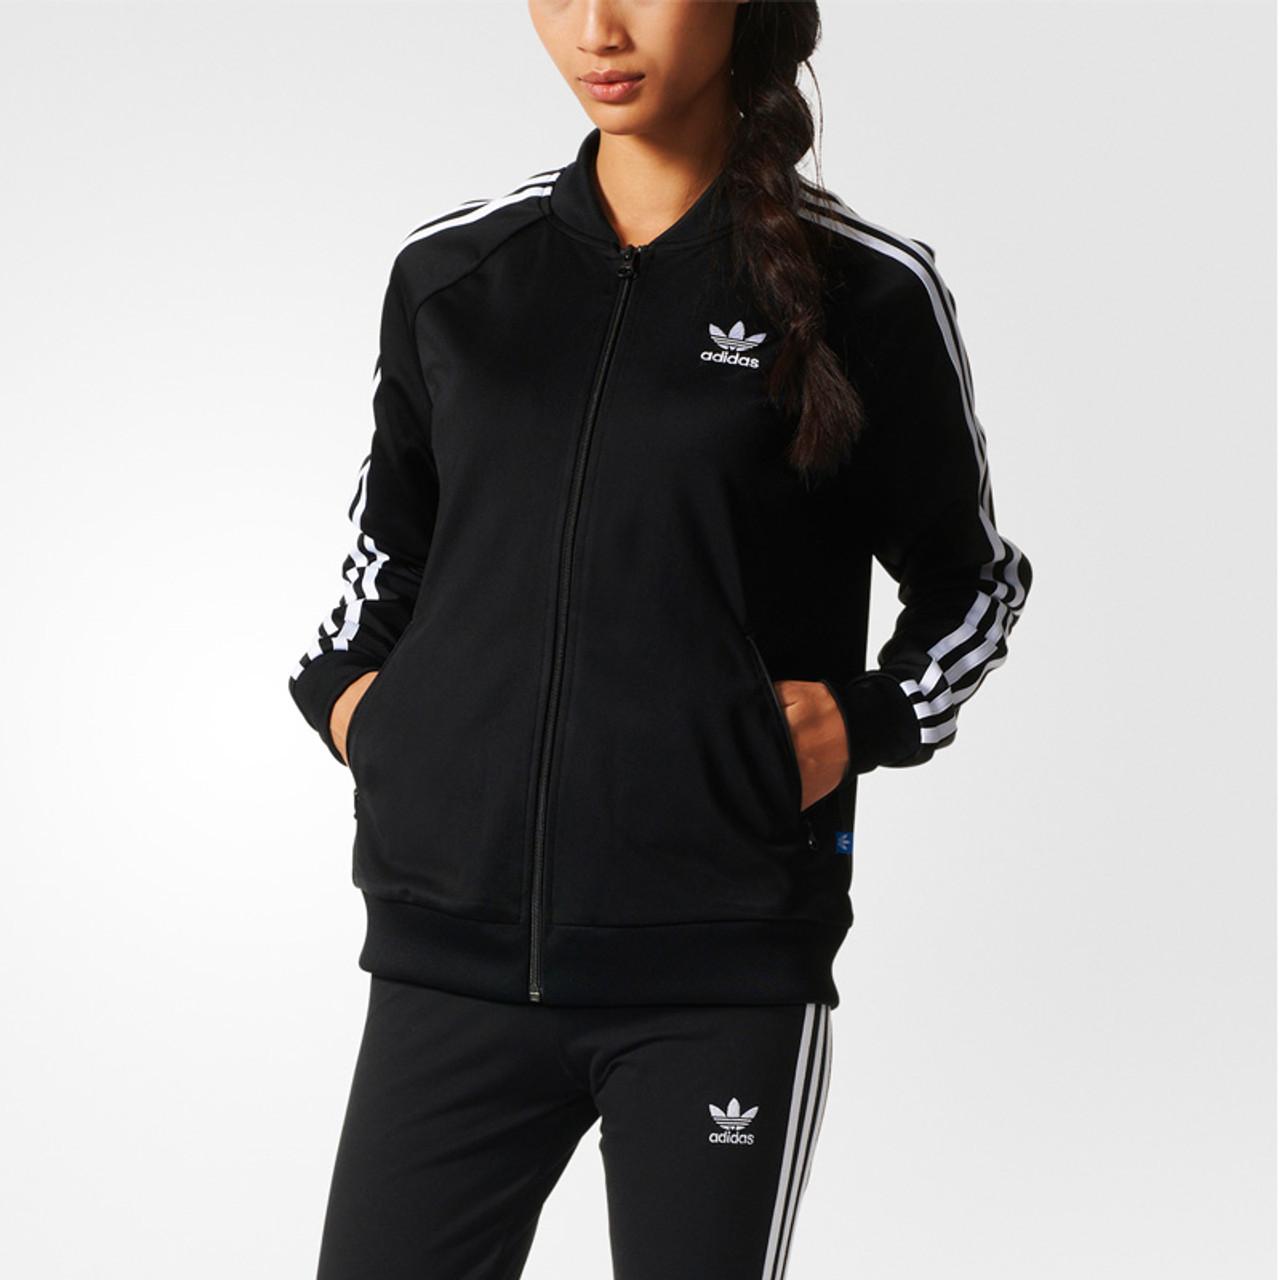 c32edce04c90 Adidas Womens Performance Basic Jacket - Black/White